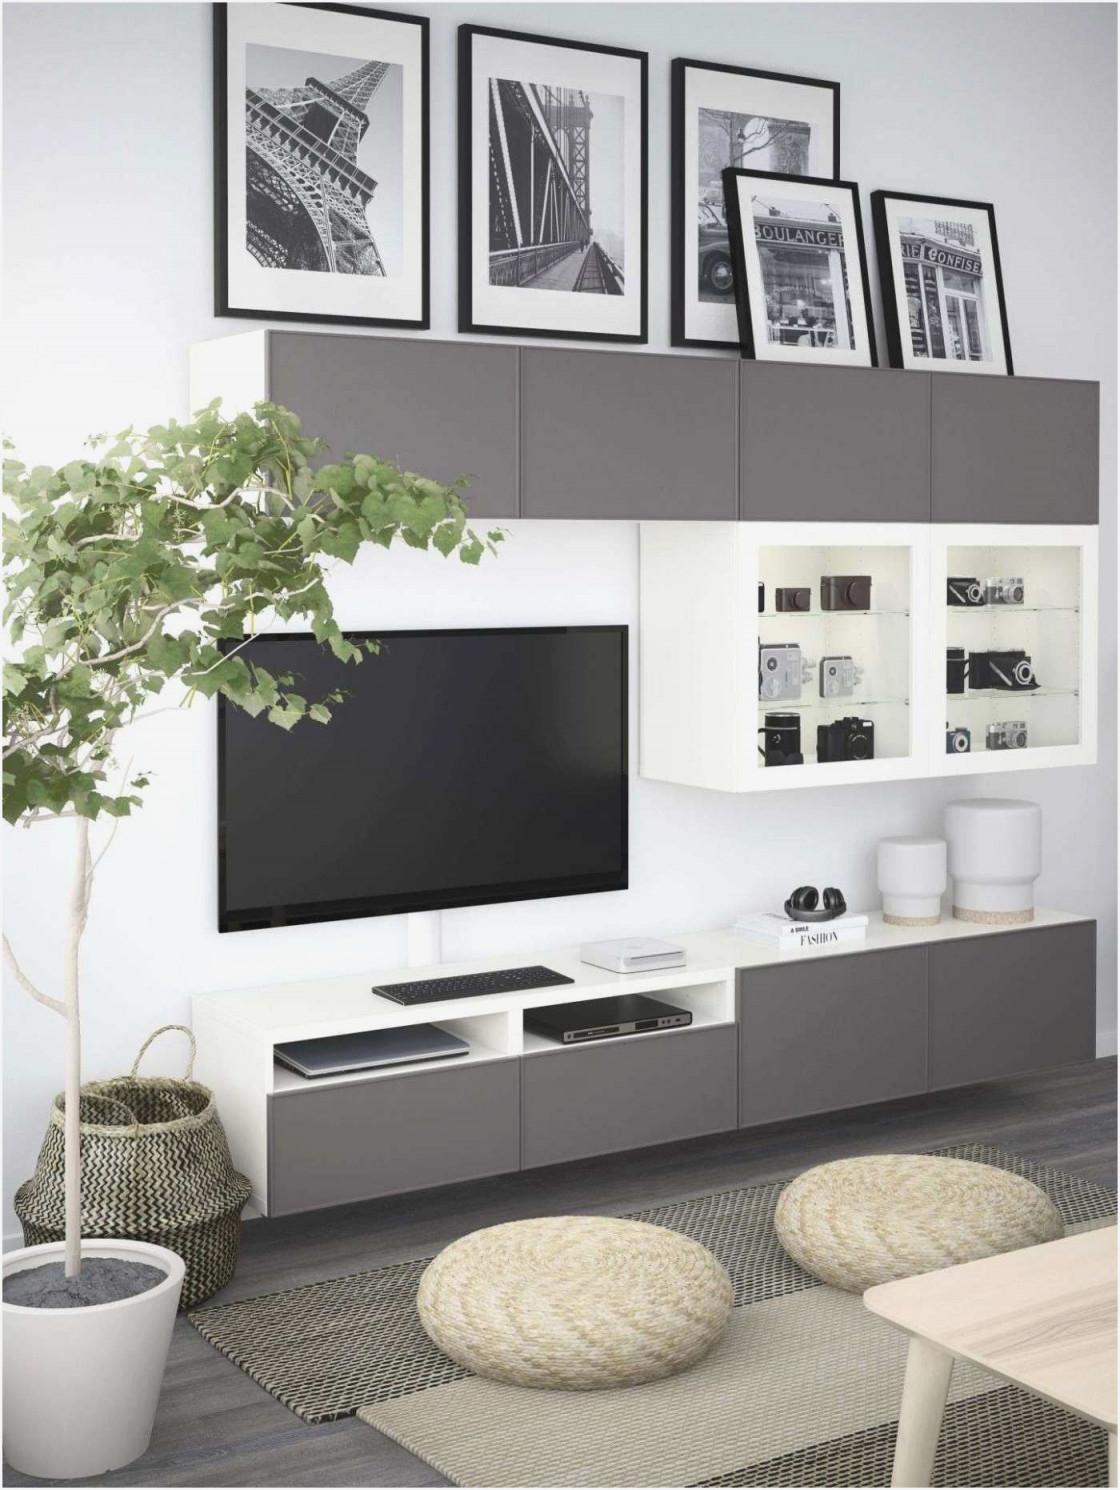 Wohnzimmer Modern Deko Ideen  Wohnzimmer  Traumhaus von Bilder Für Wohnzimmer Modern Bild